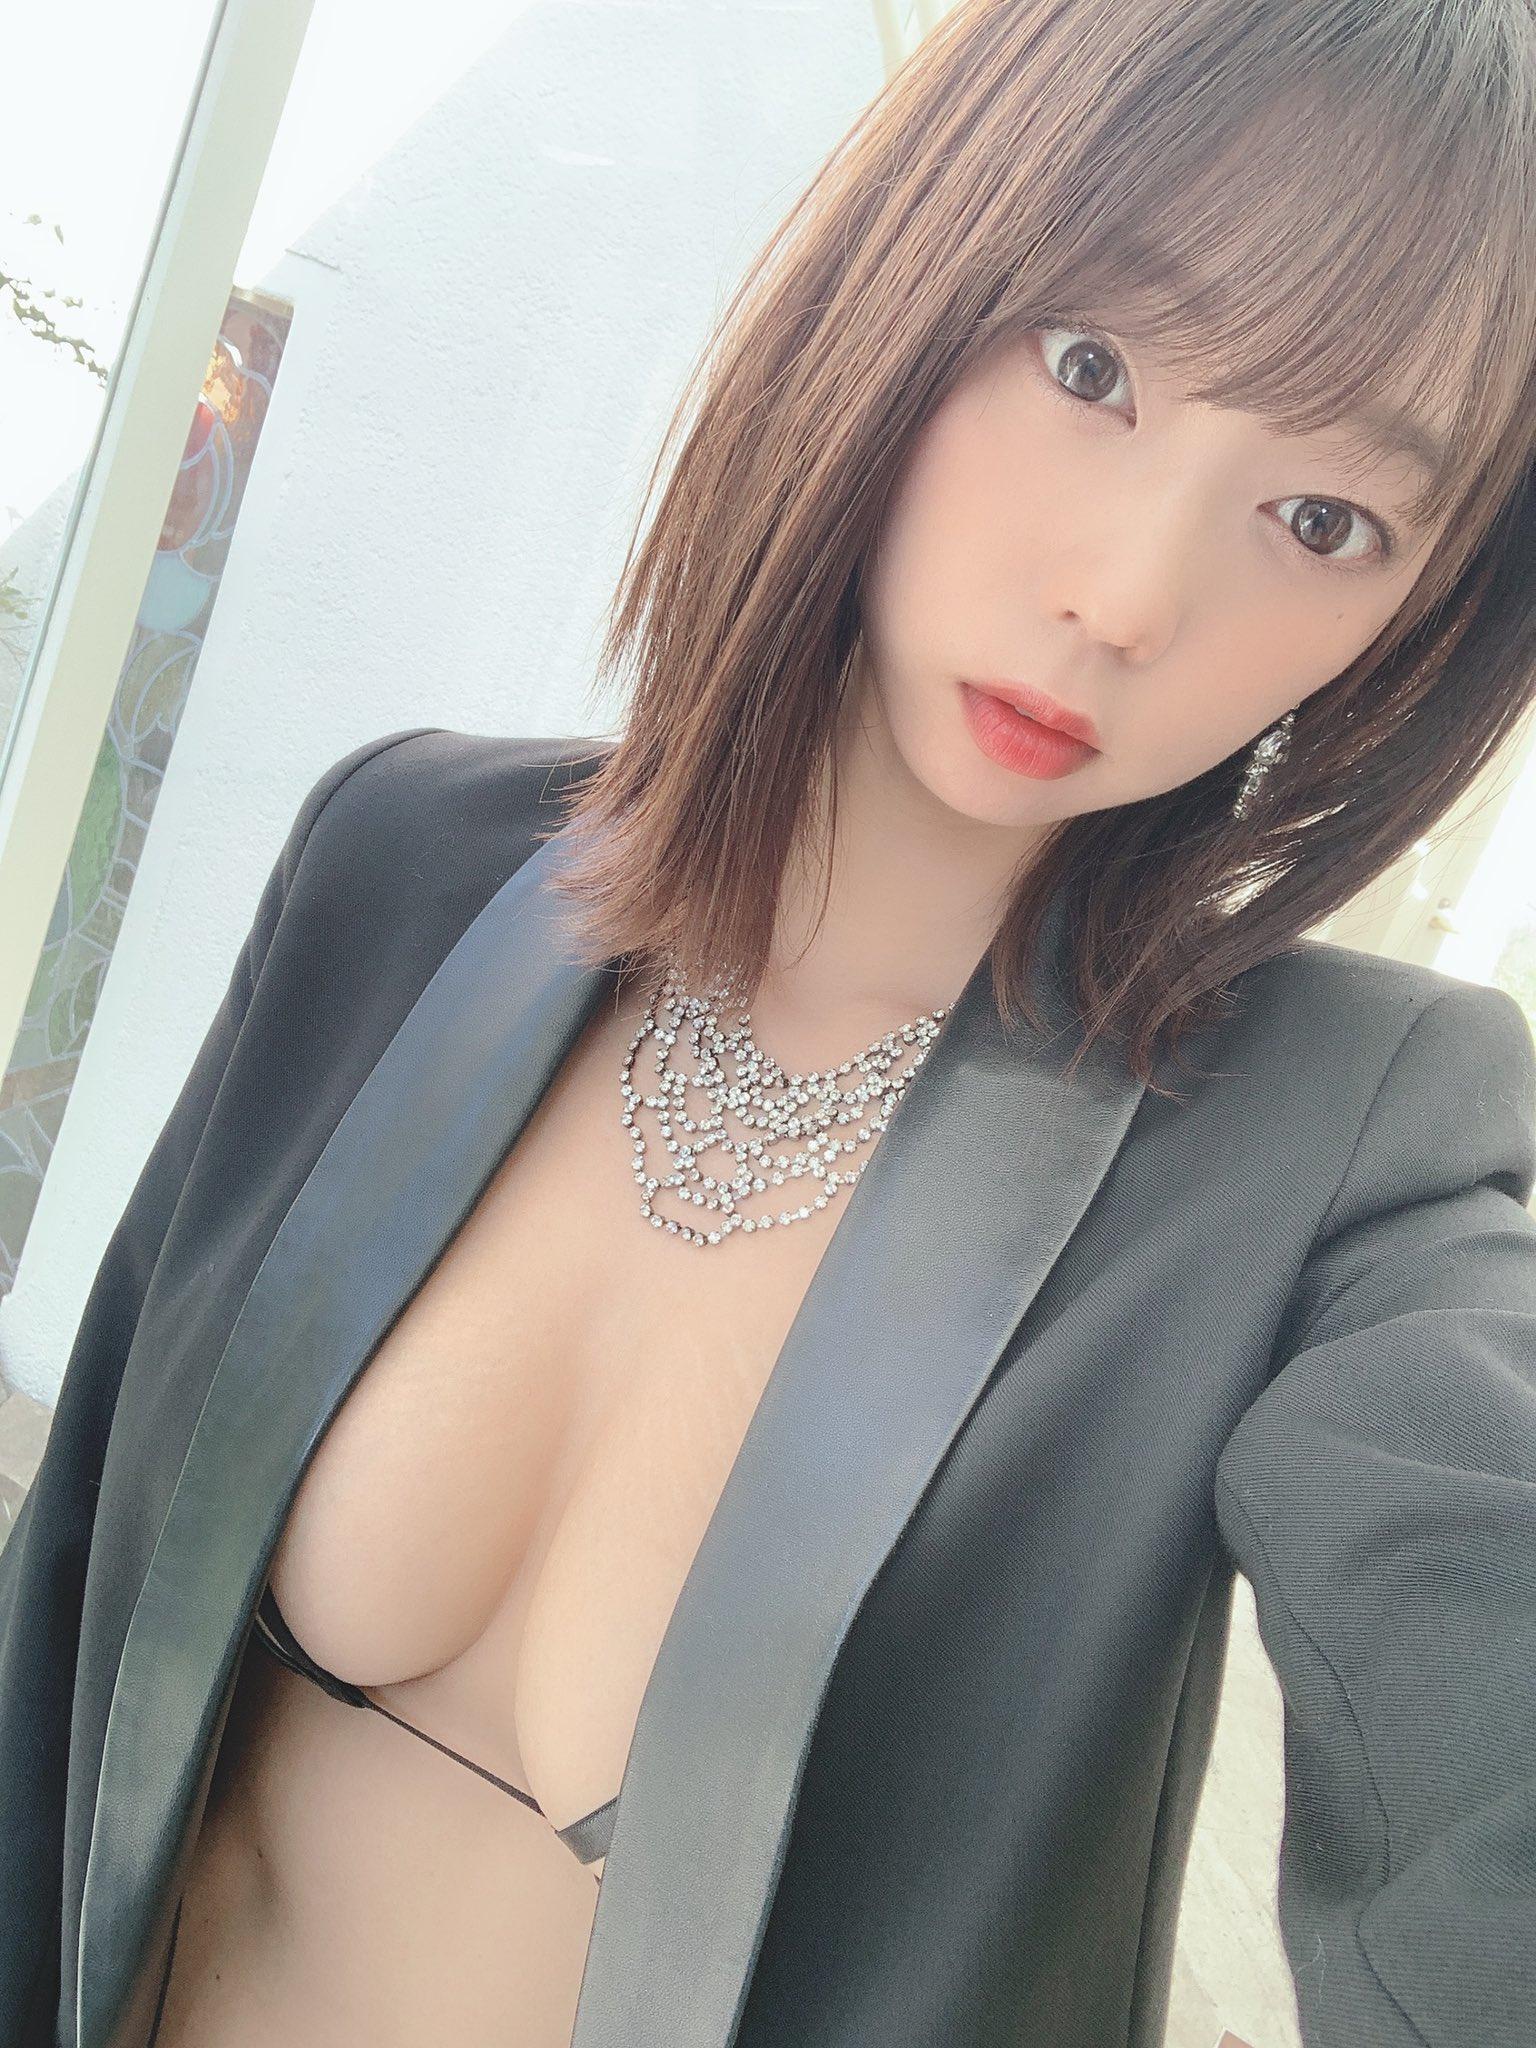 【超おっぱい】青山ひかるさん、確変に入る